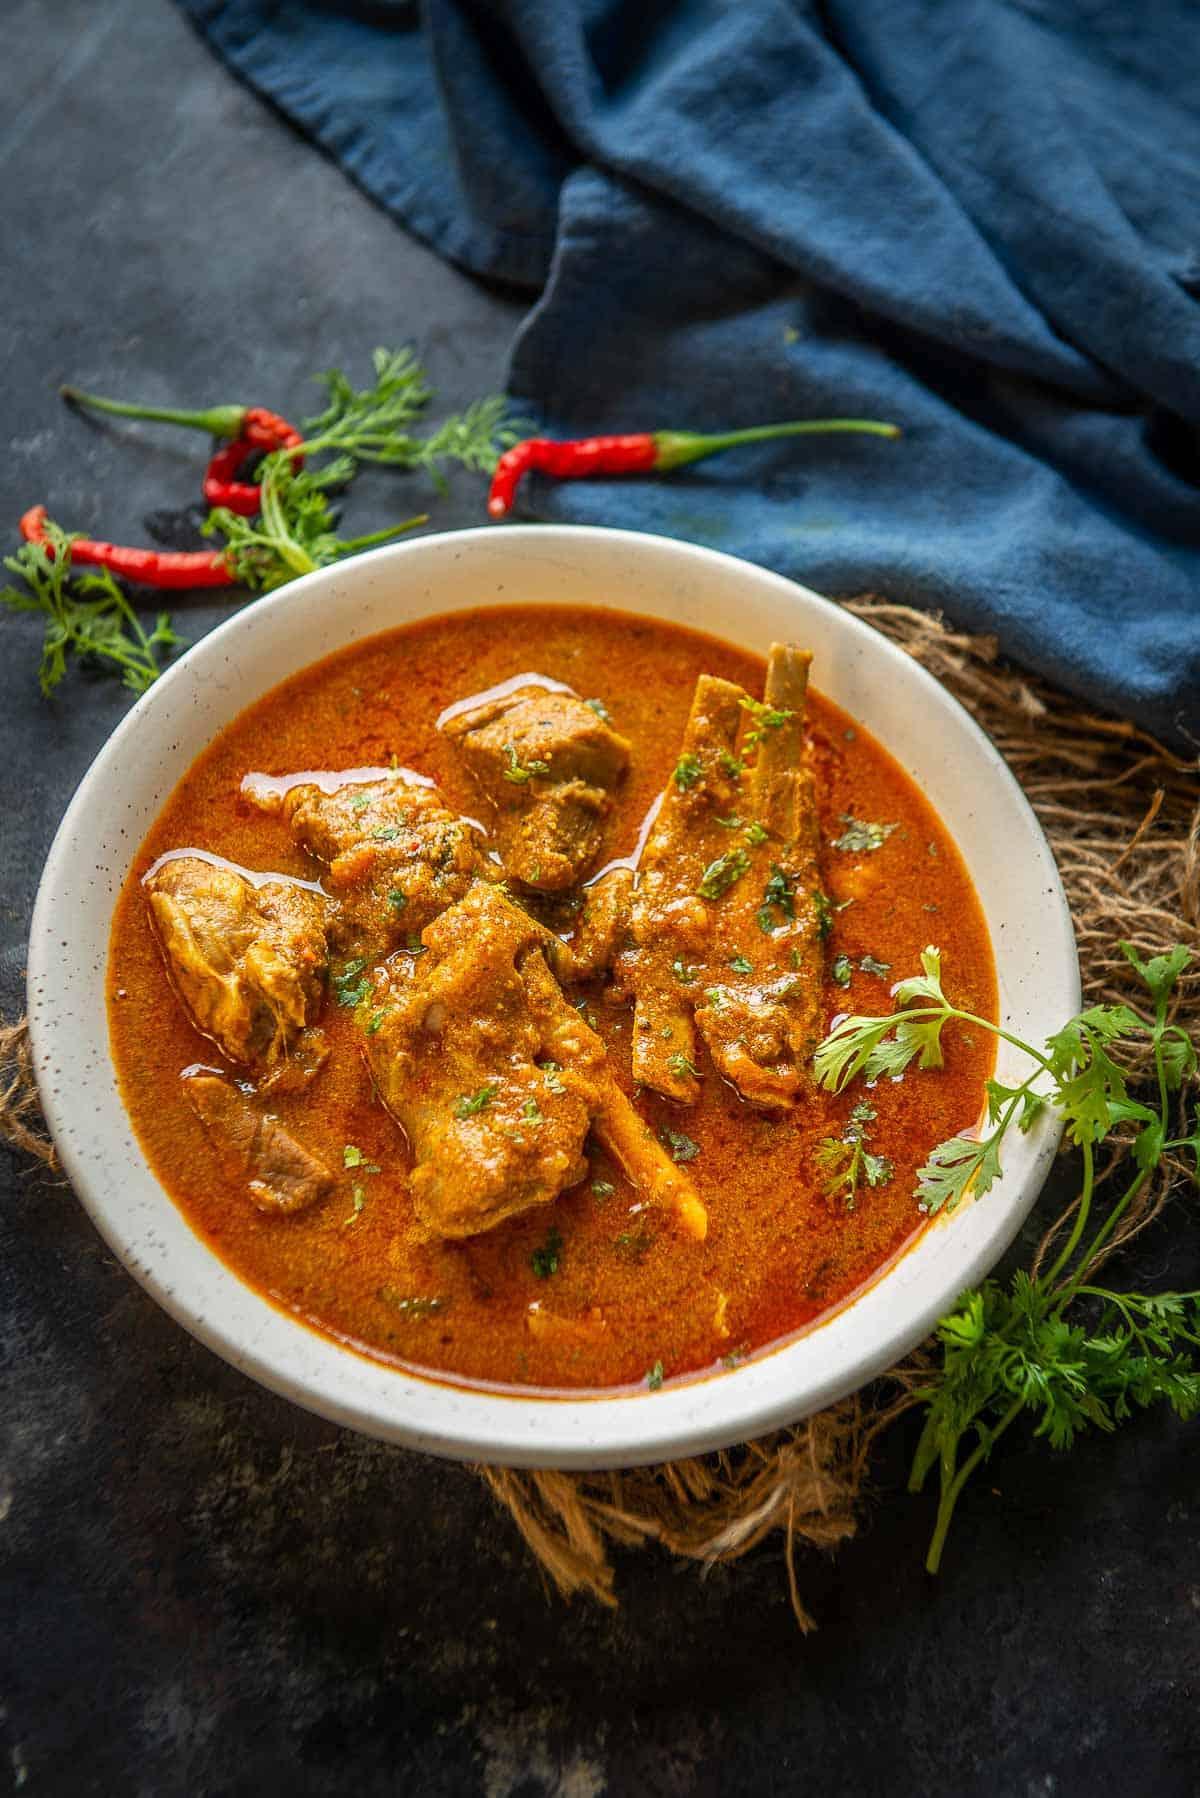 Mutton Kulambu served in a bowl.